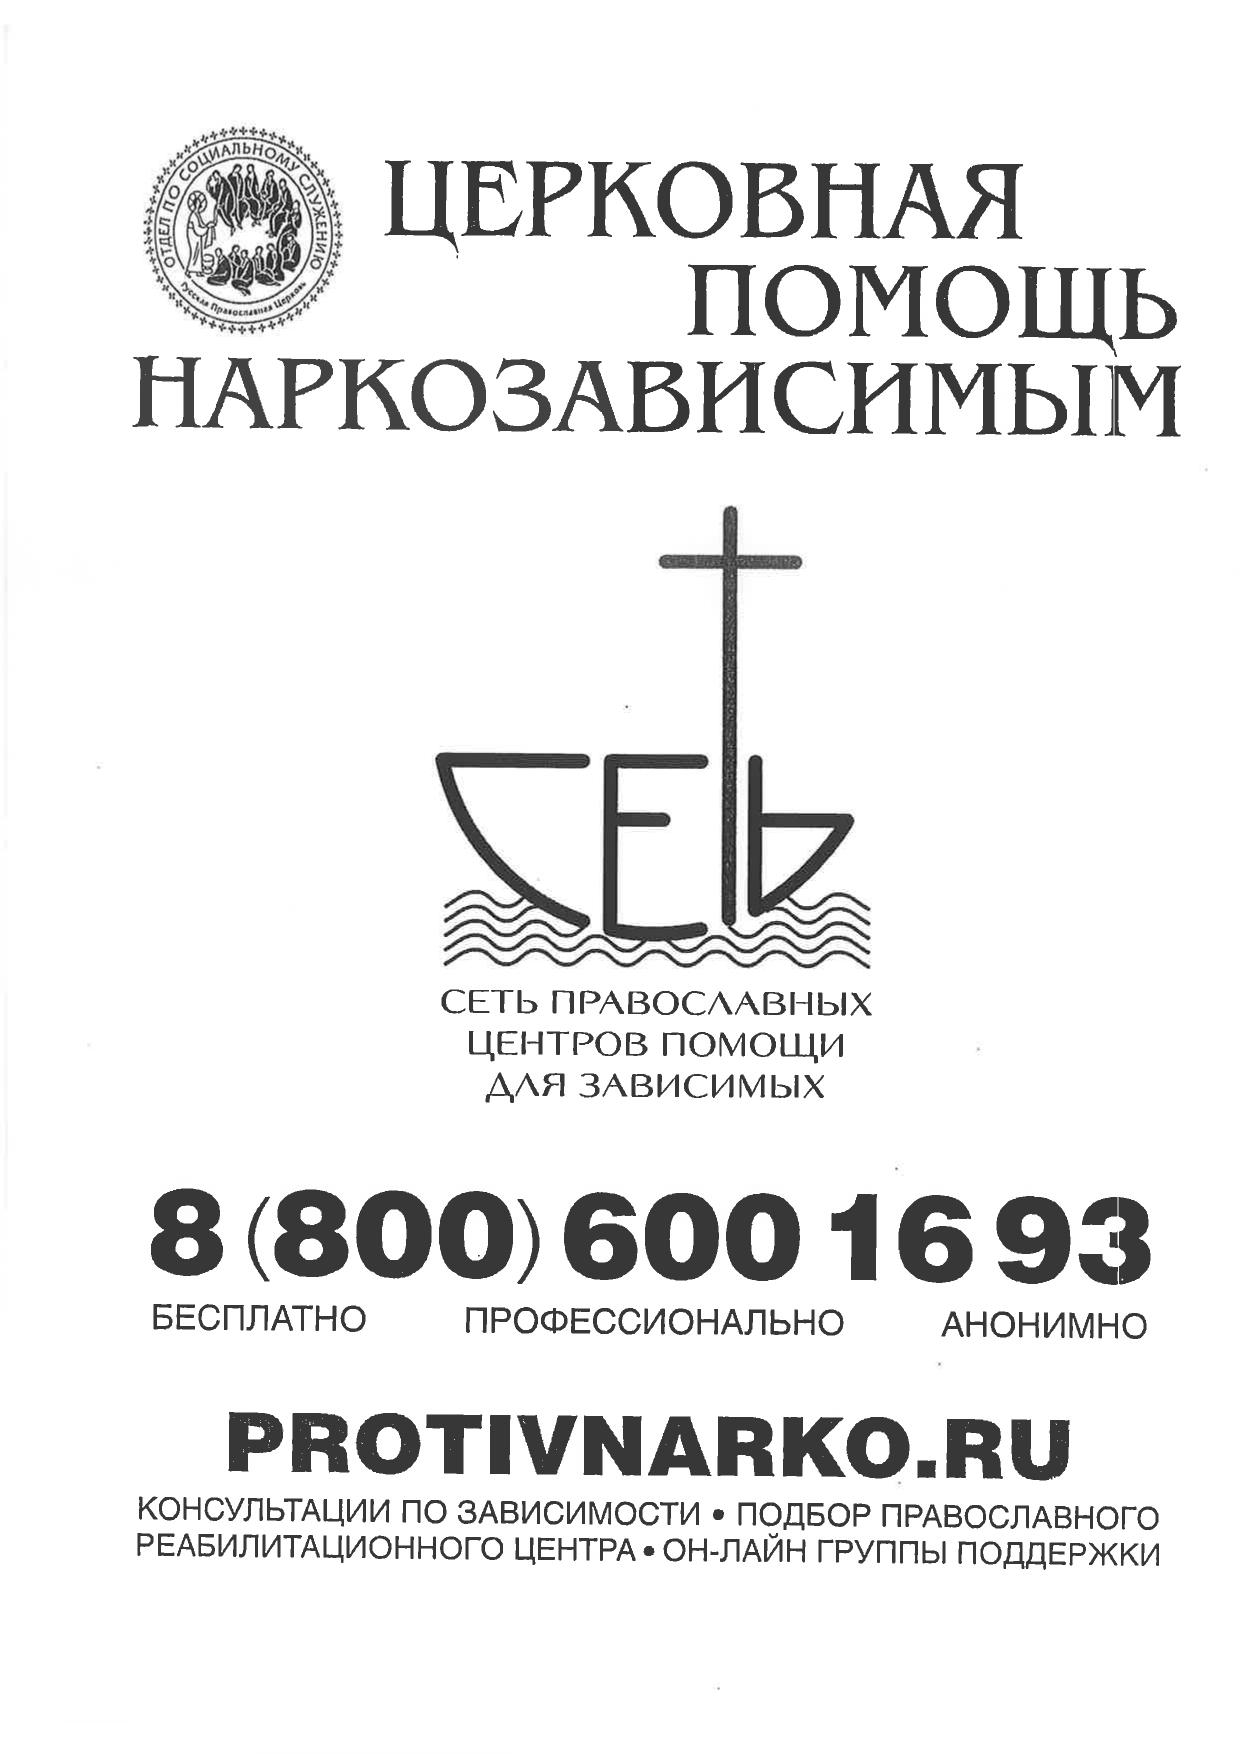 image-9760